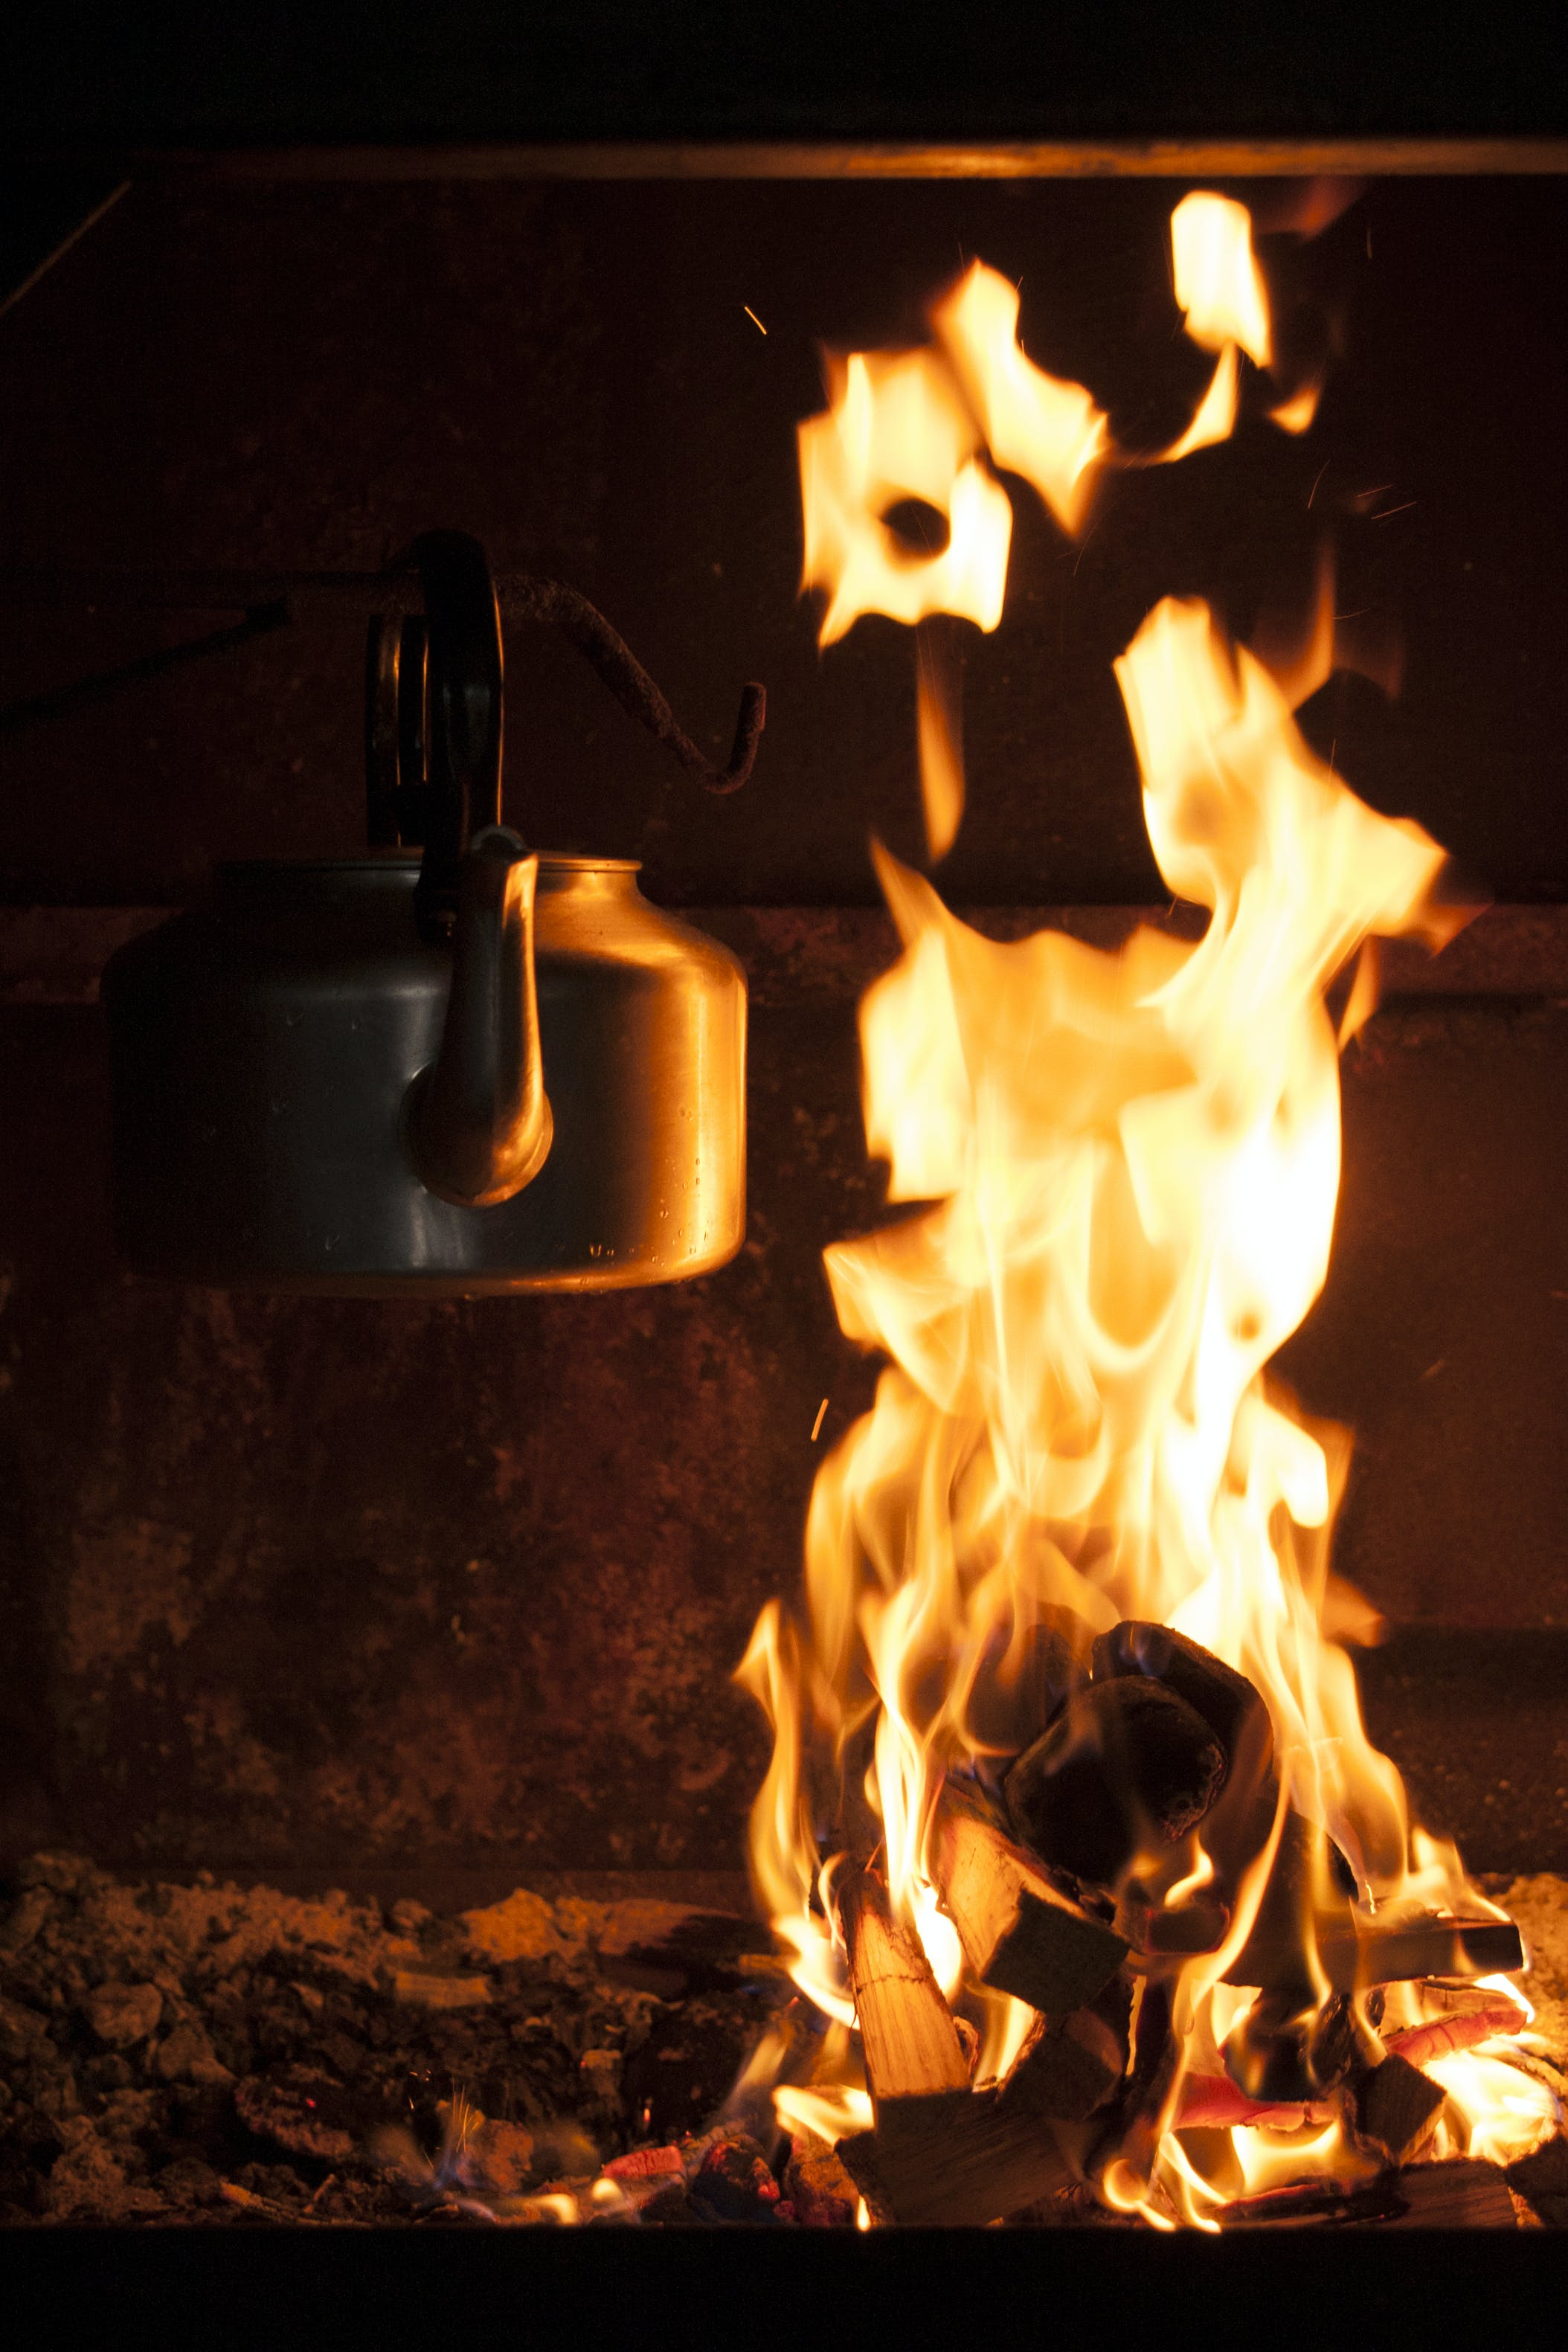 zu brand, brennbar, brennen, entzünden